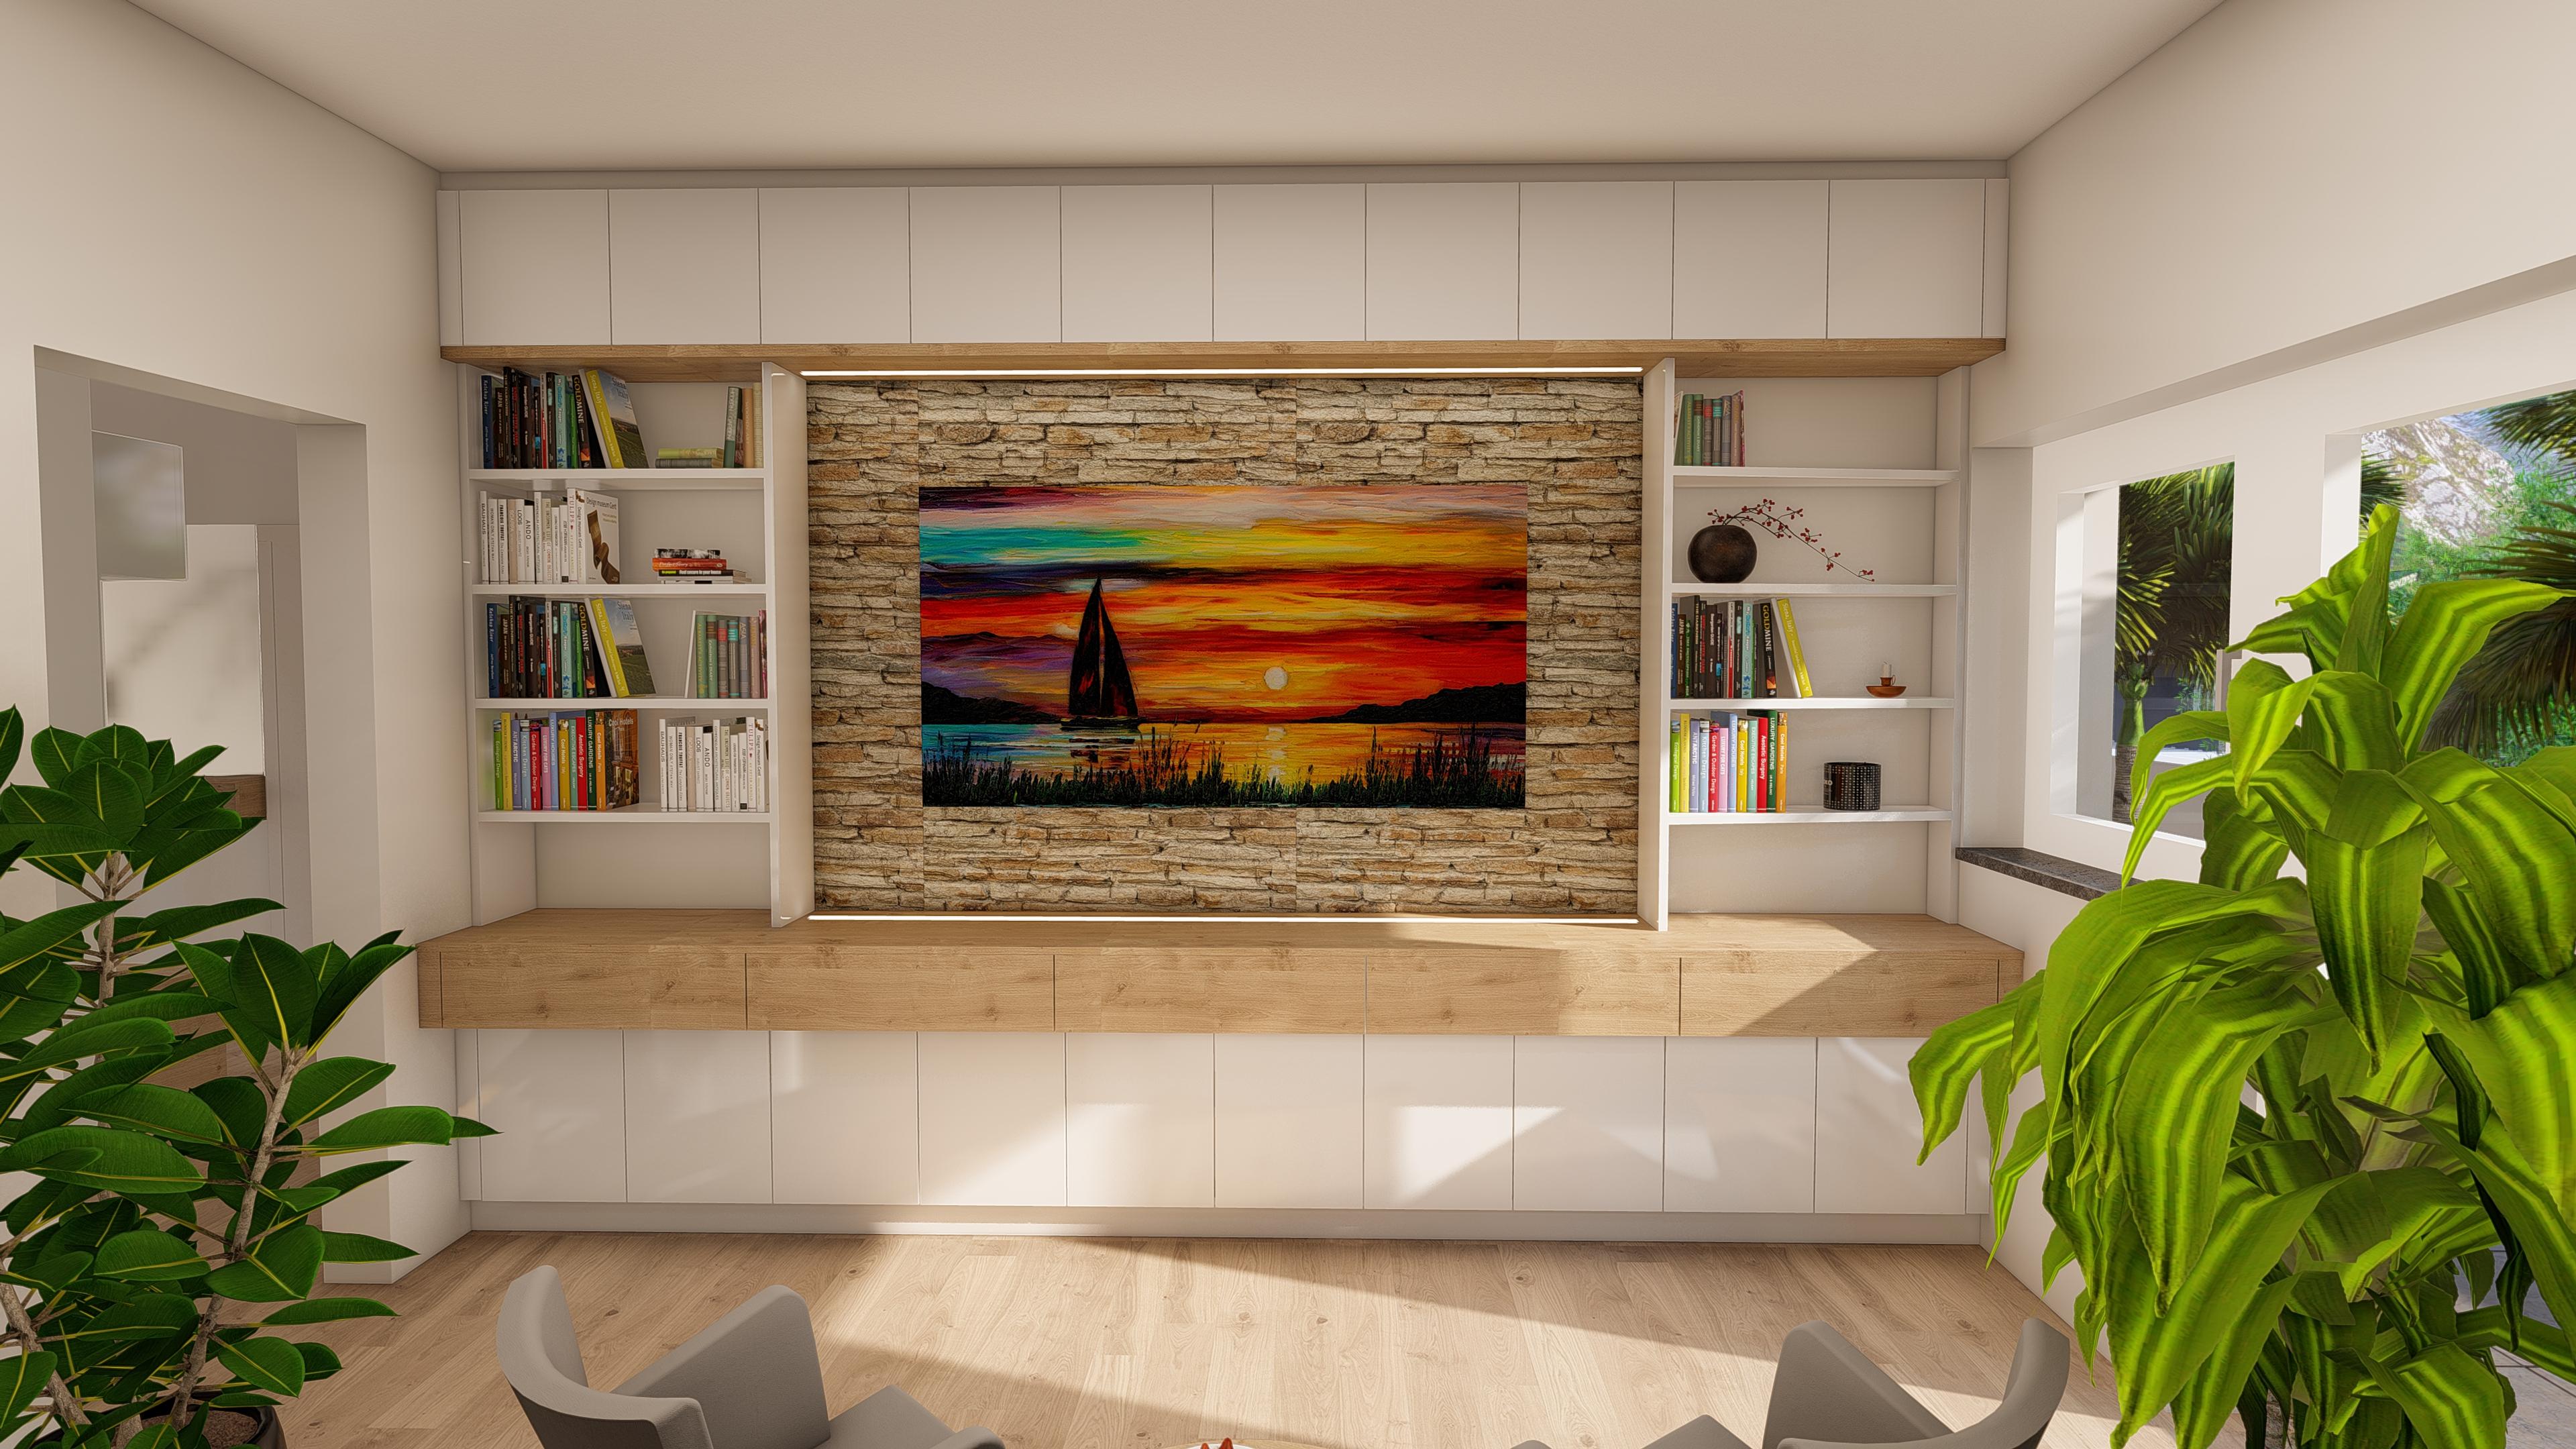 Wohnwand mit integriertem Bücherrega